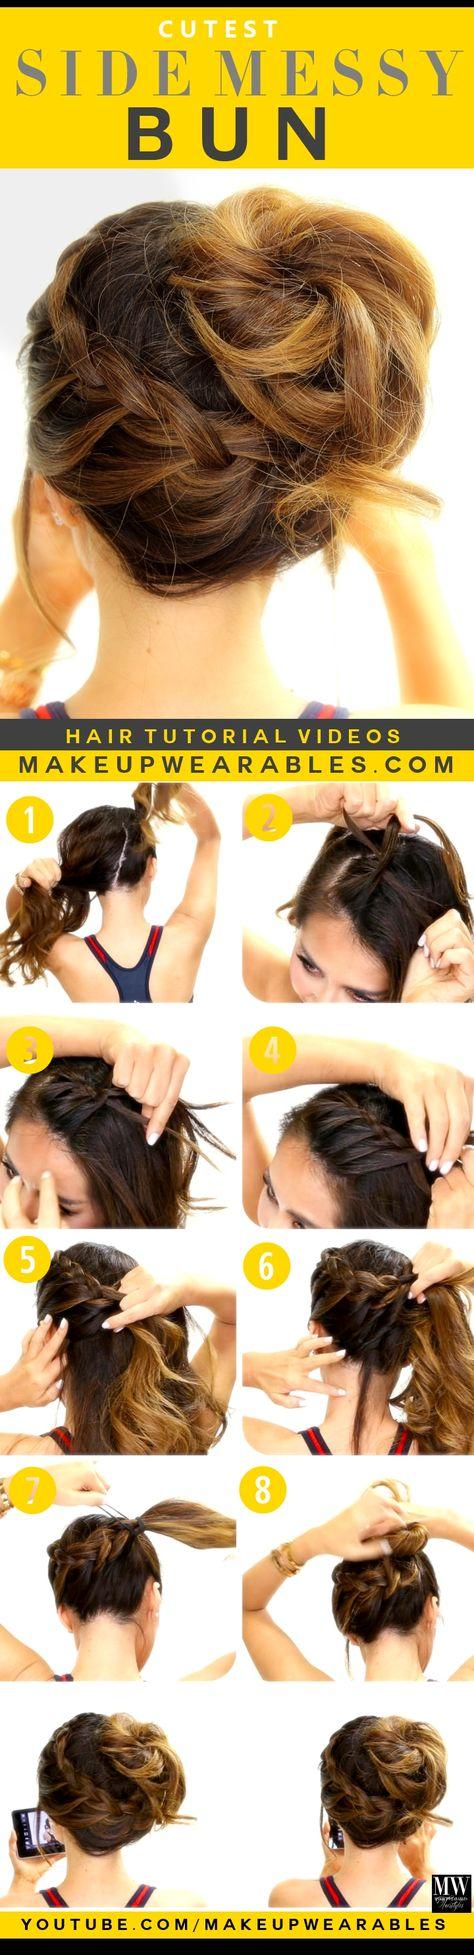 Cute Braided Messy Bun Braid | Updo Hairstyles